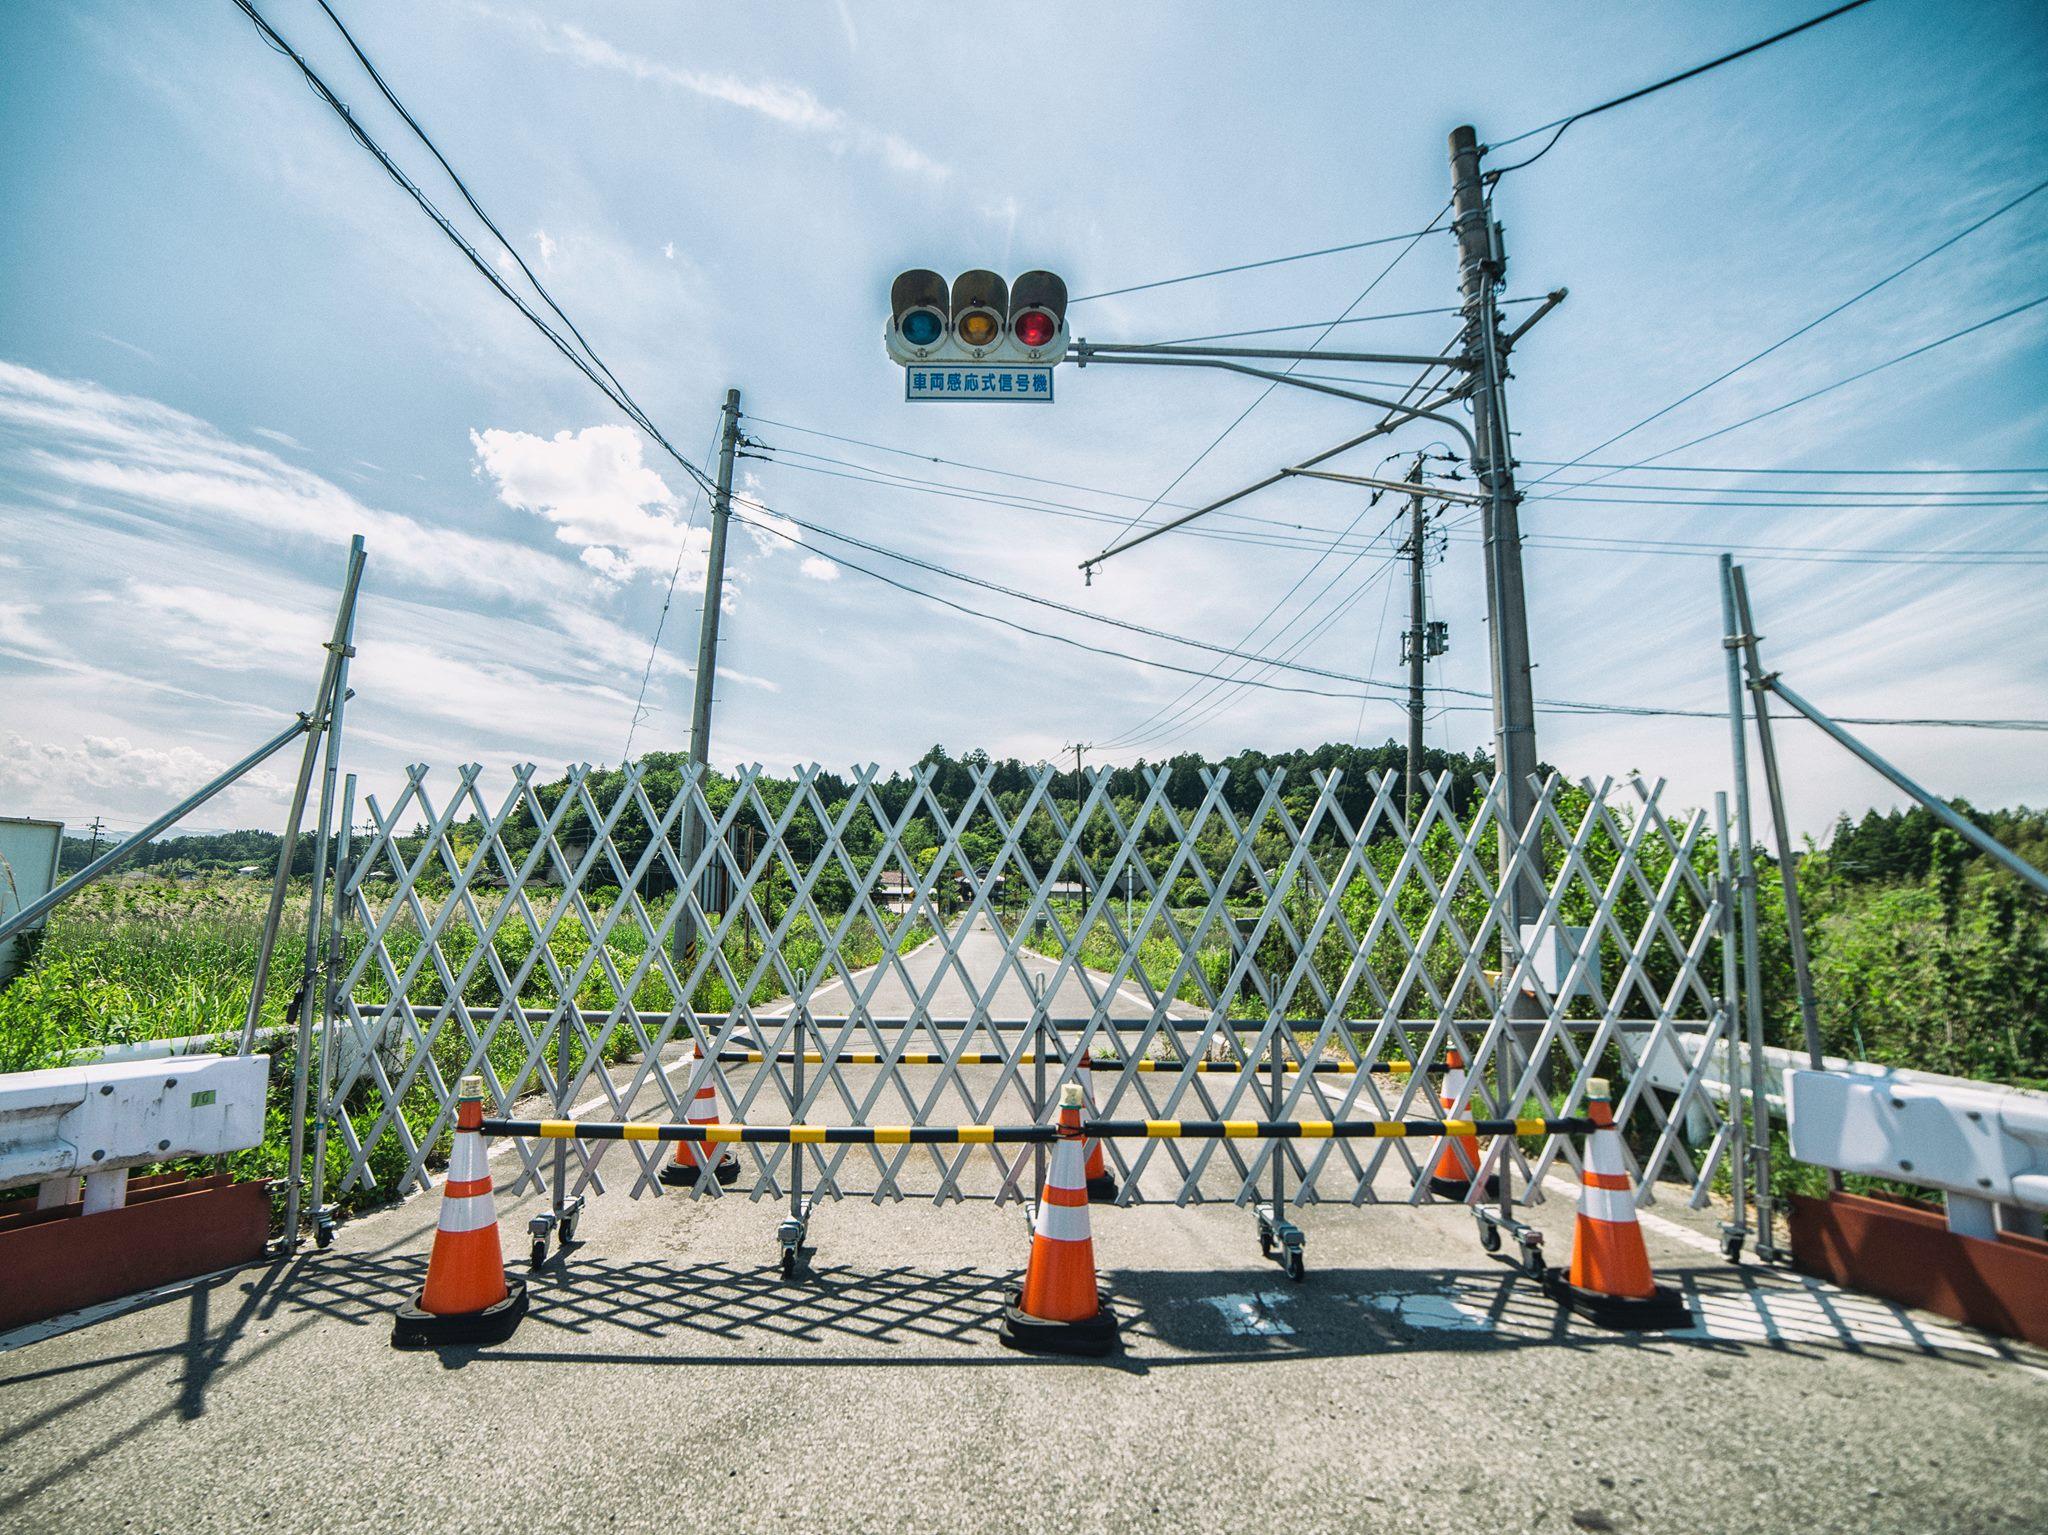 como es fukushima 5 años después del desastre 16